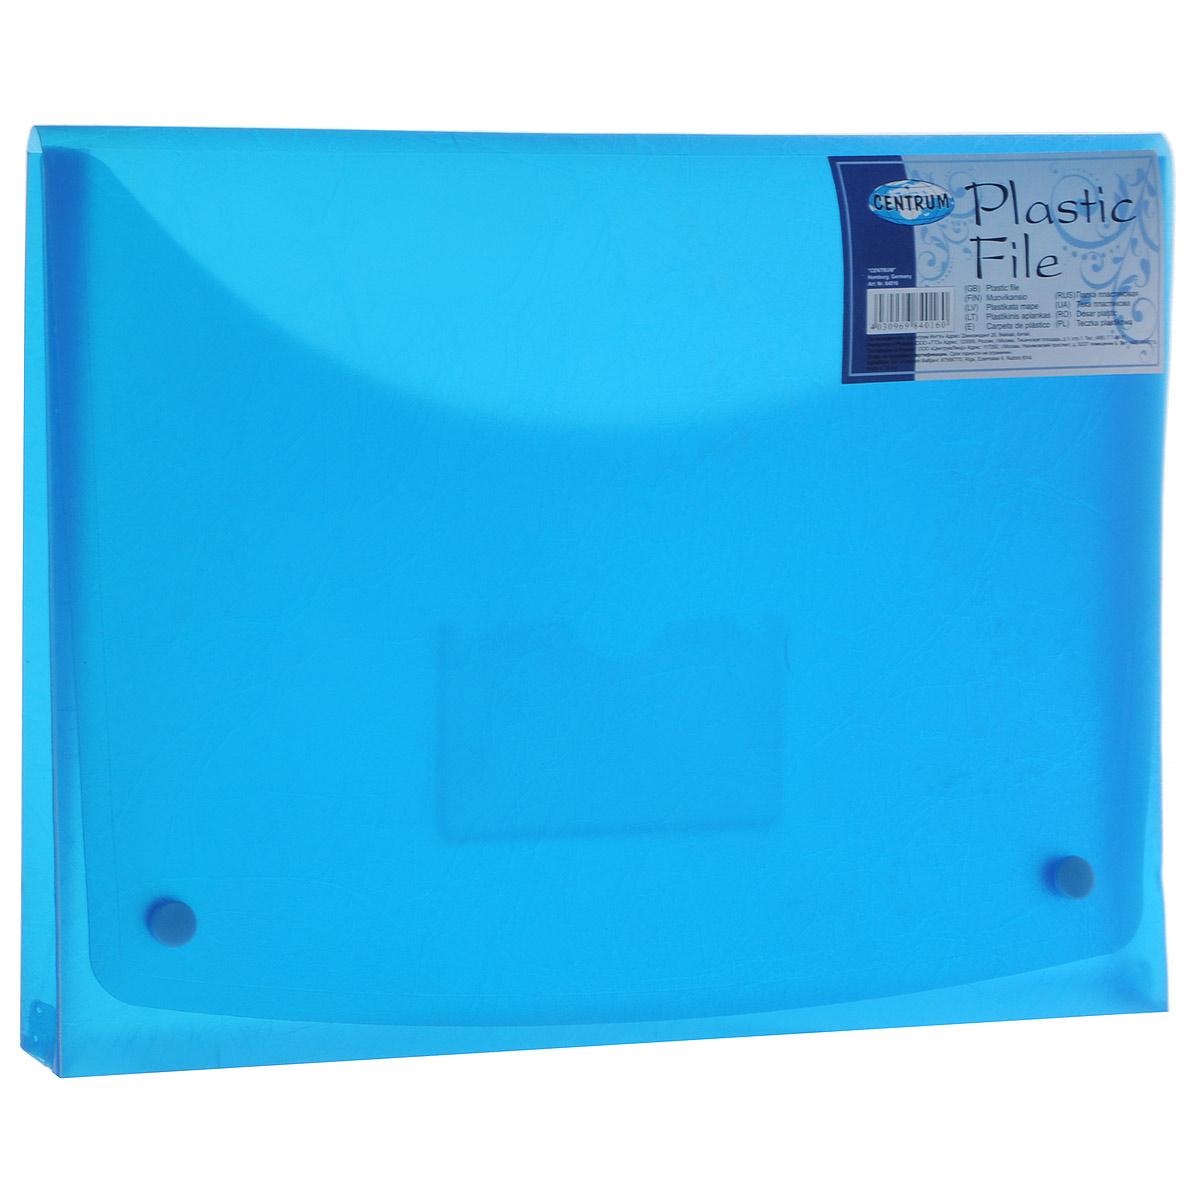 Папка-конверт на кнопках Centrum, цвет: голубой. Формат A4CF903-0384016 Папка-конверт на двух кнопках А4,пластик 0,4 мм,SOFT TOUCH 84016, цвет: синий